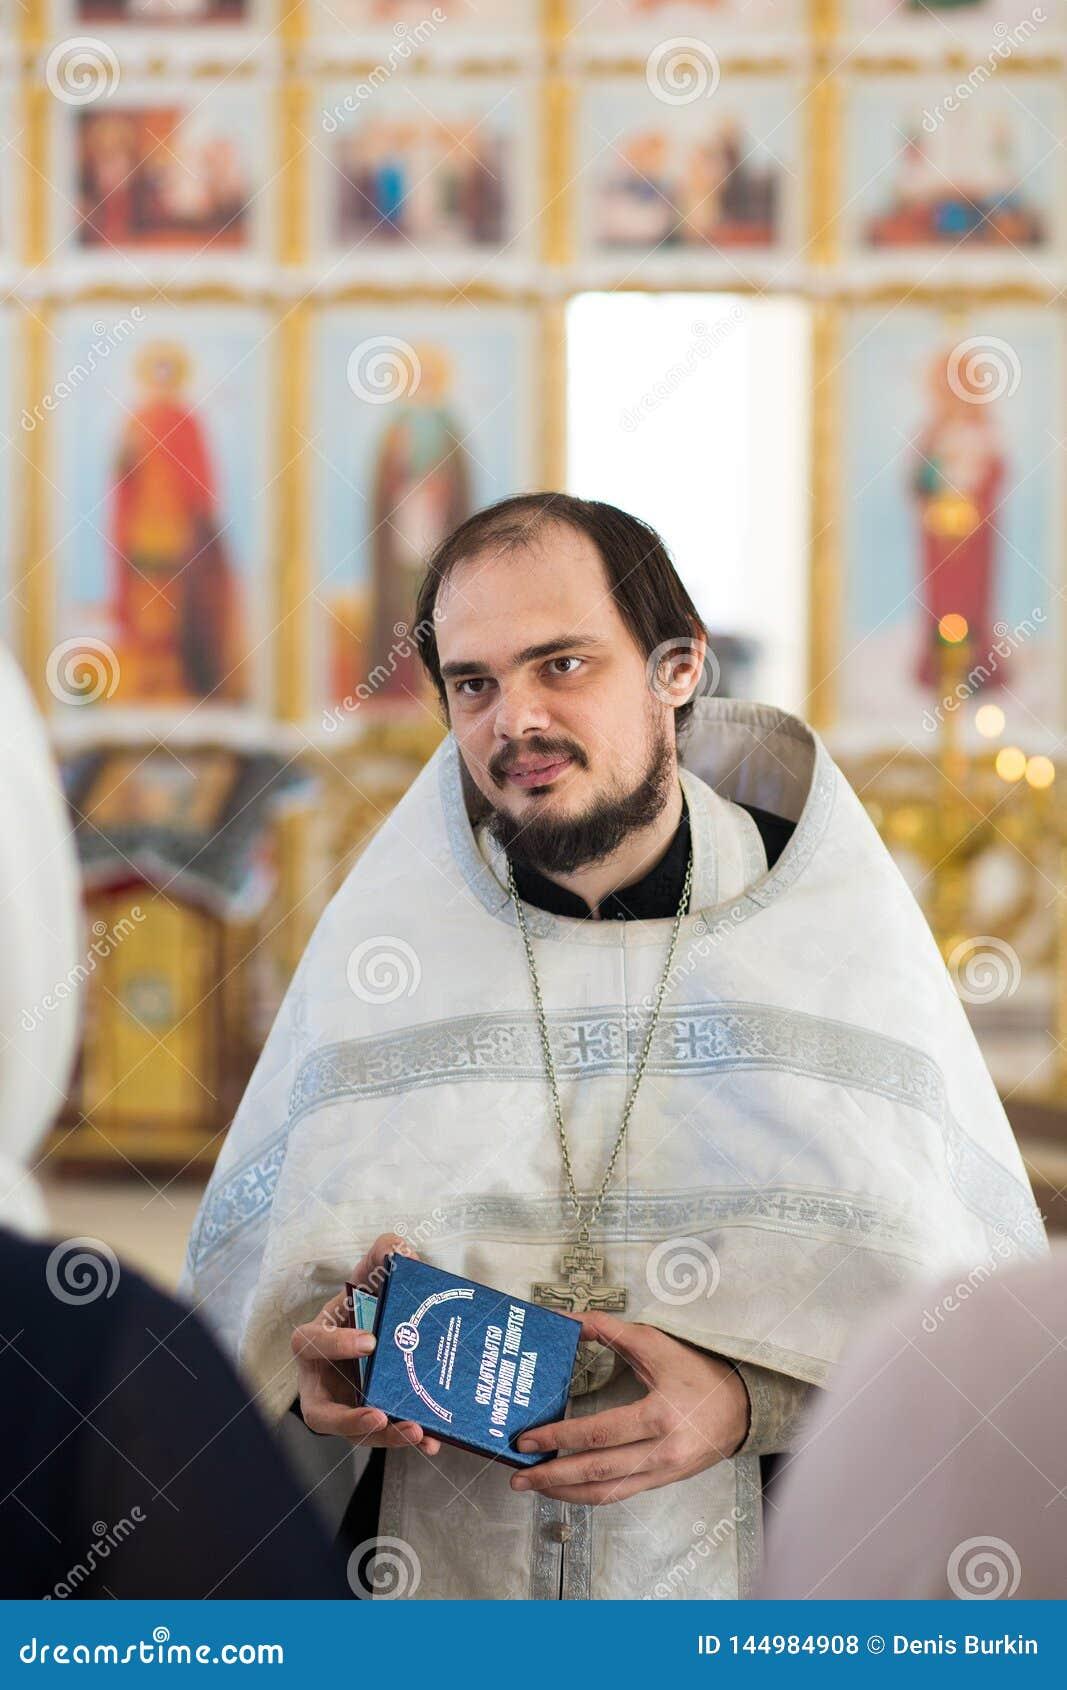 E Een jonge Orthodoxe priester houdt een certificaat van doopsel in zijn handen